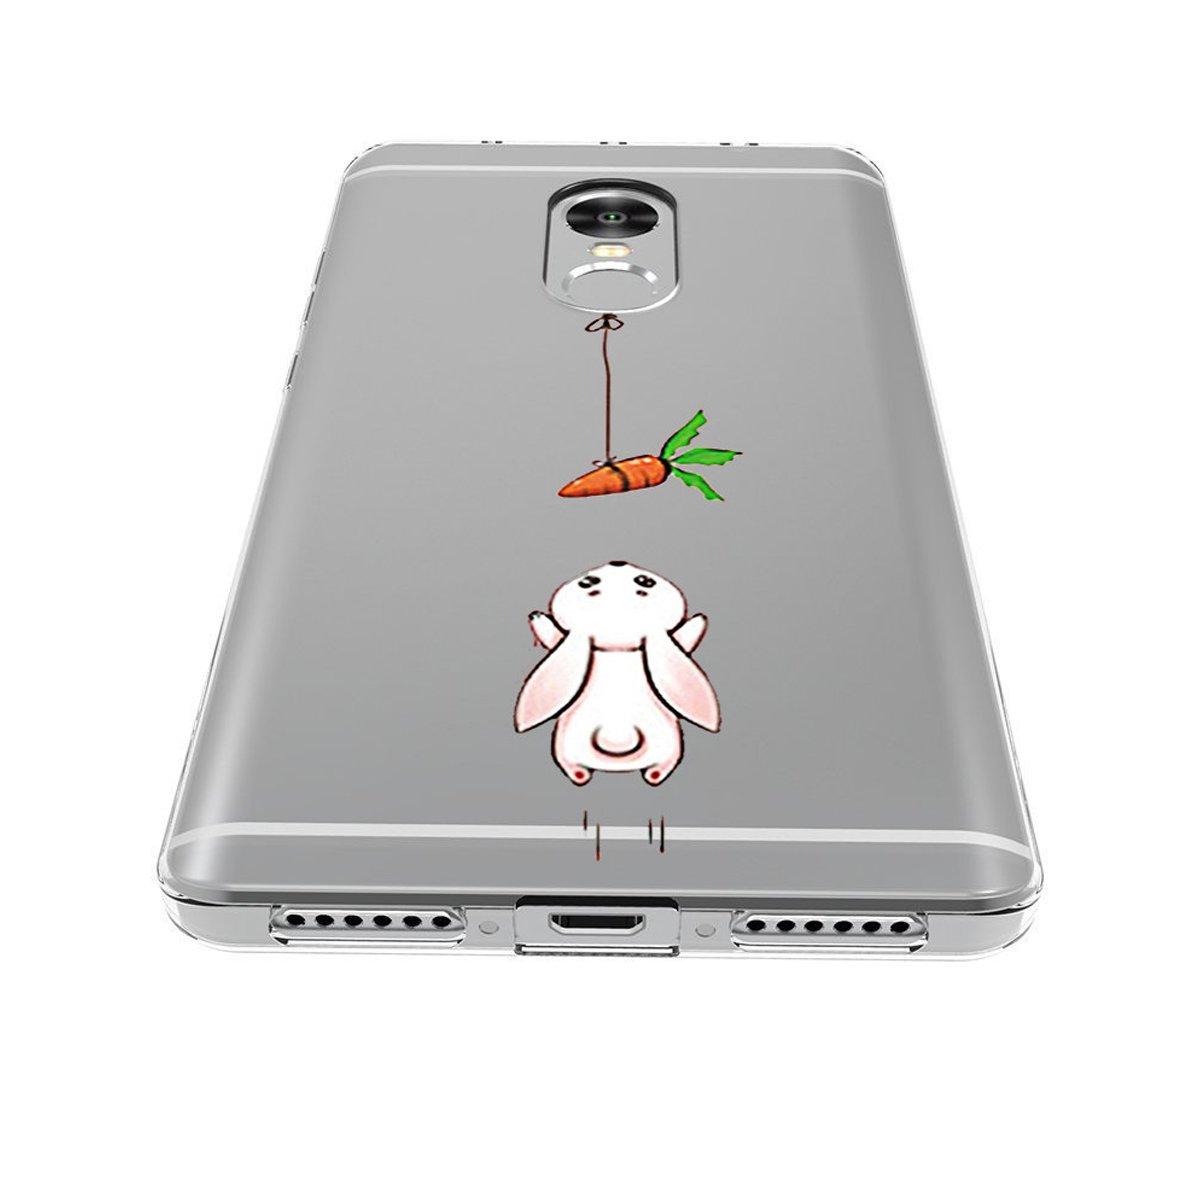 Caler ® Funda Compatible/Reemplazo para Redmi Note 4 / Note 4X Funda,Suave TPU Gel Silicona Ultra-Delgado Ligera Anti-rasguños Protección Patrones ...